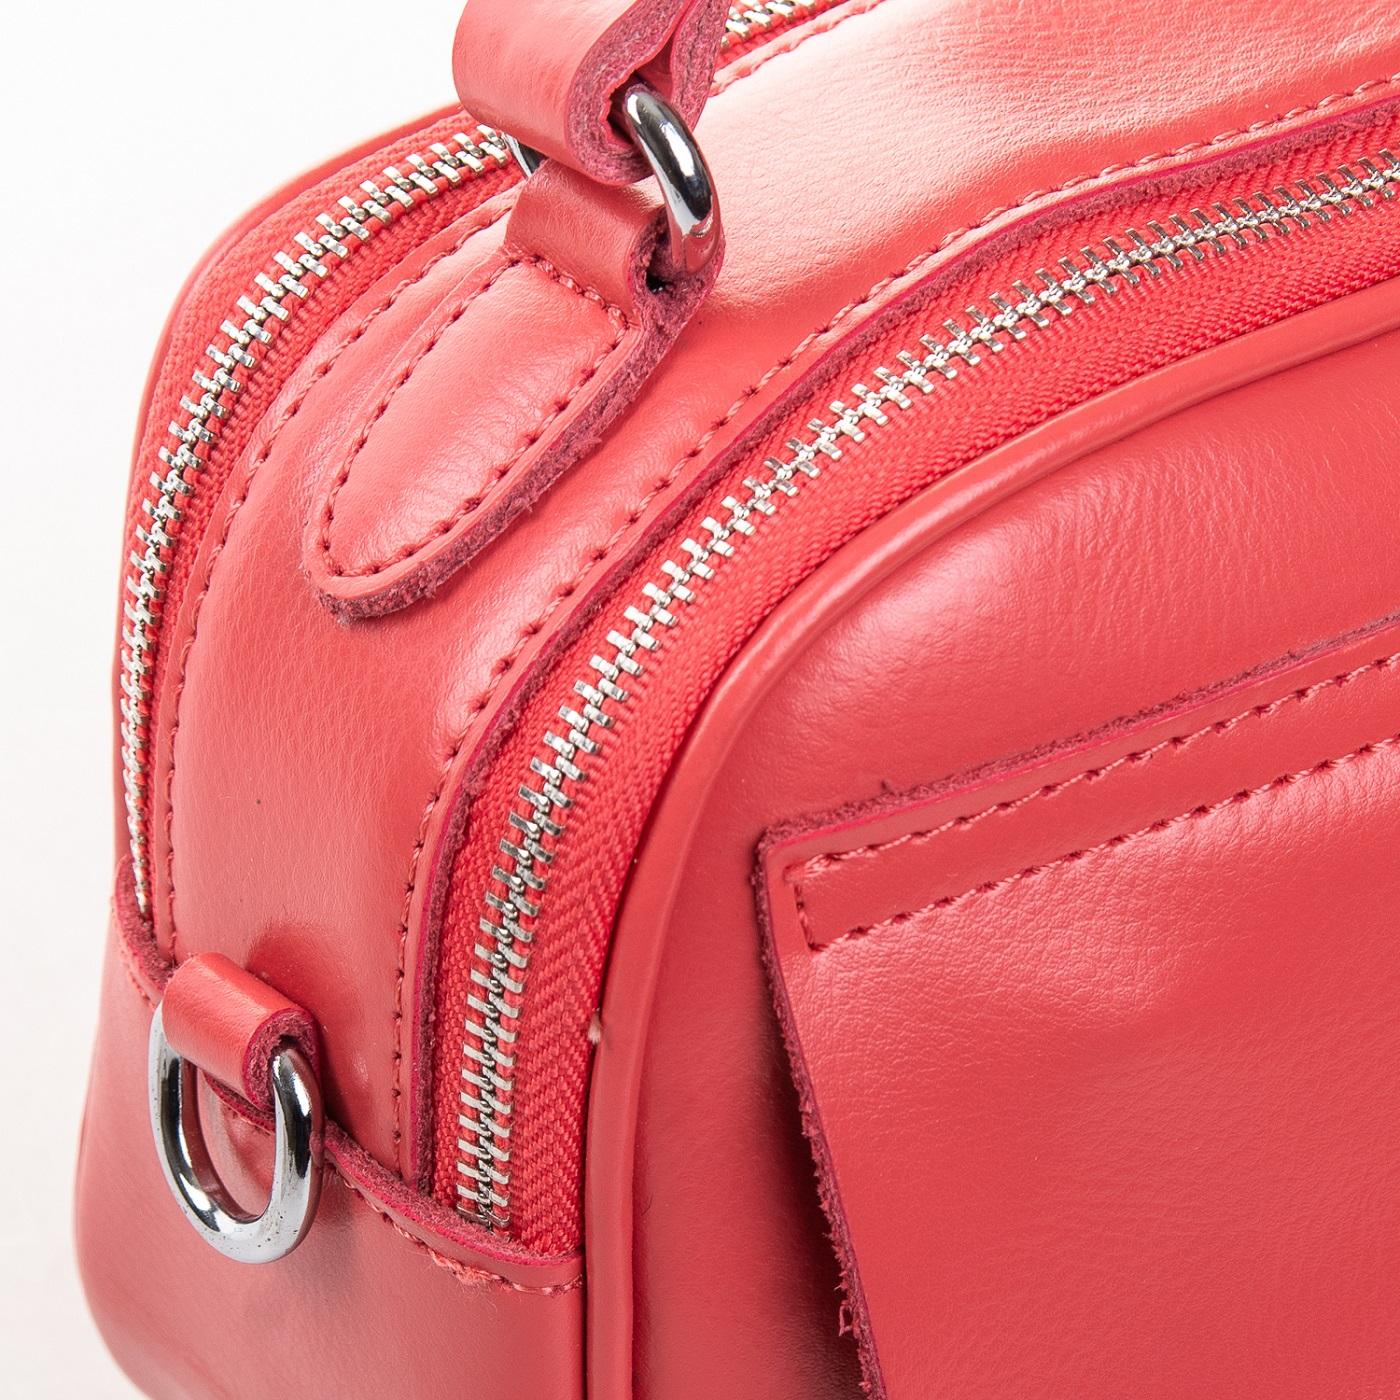 Сумка Женская Клатч кожа ALEX RAI 2-01 8646 watermelon red - фото 5